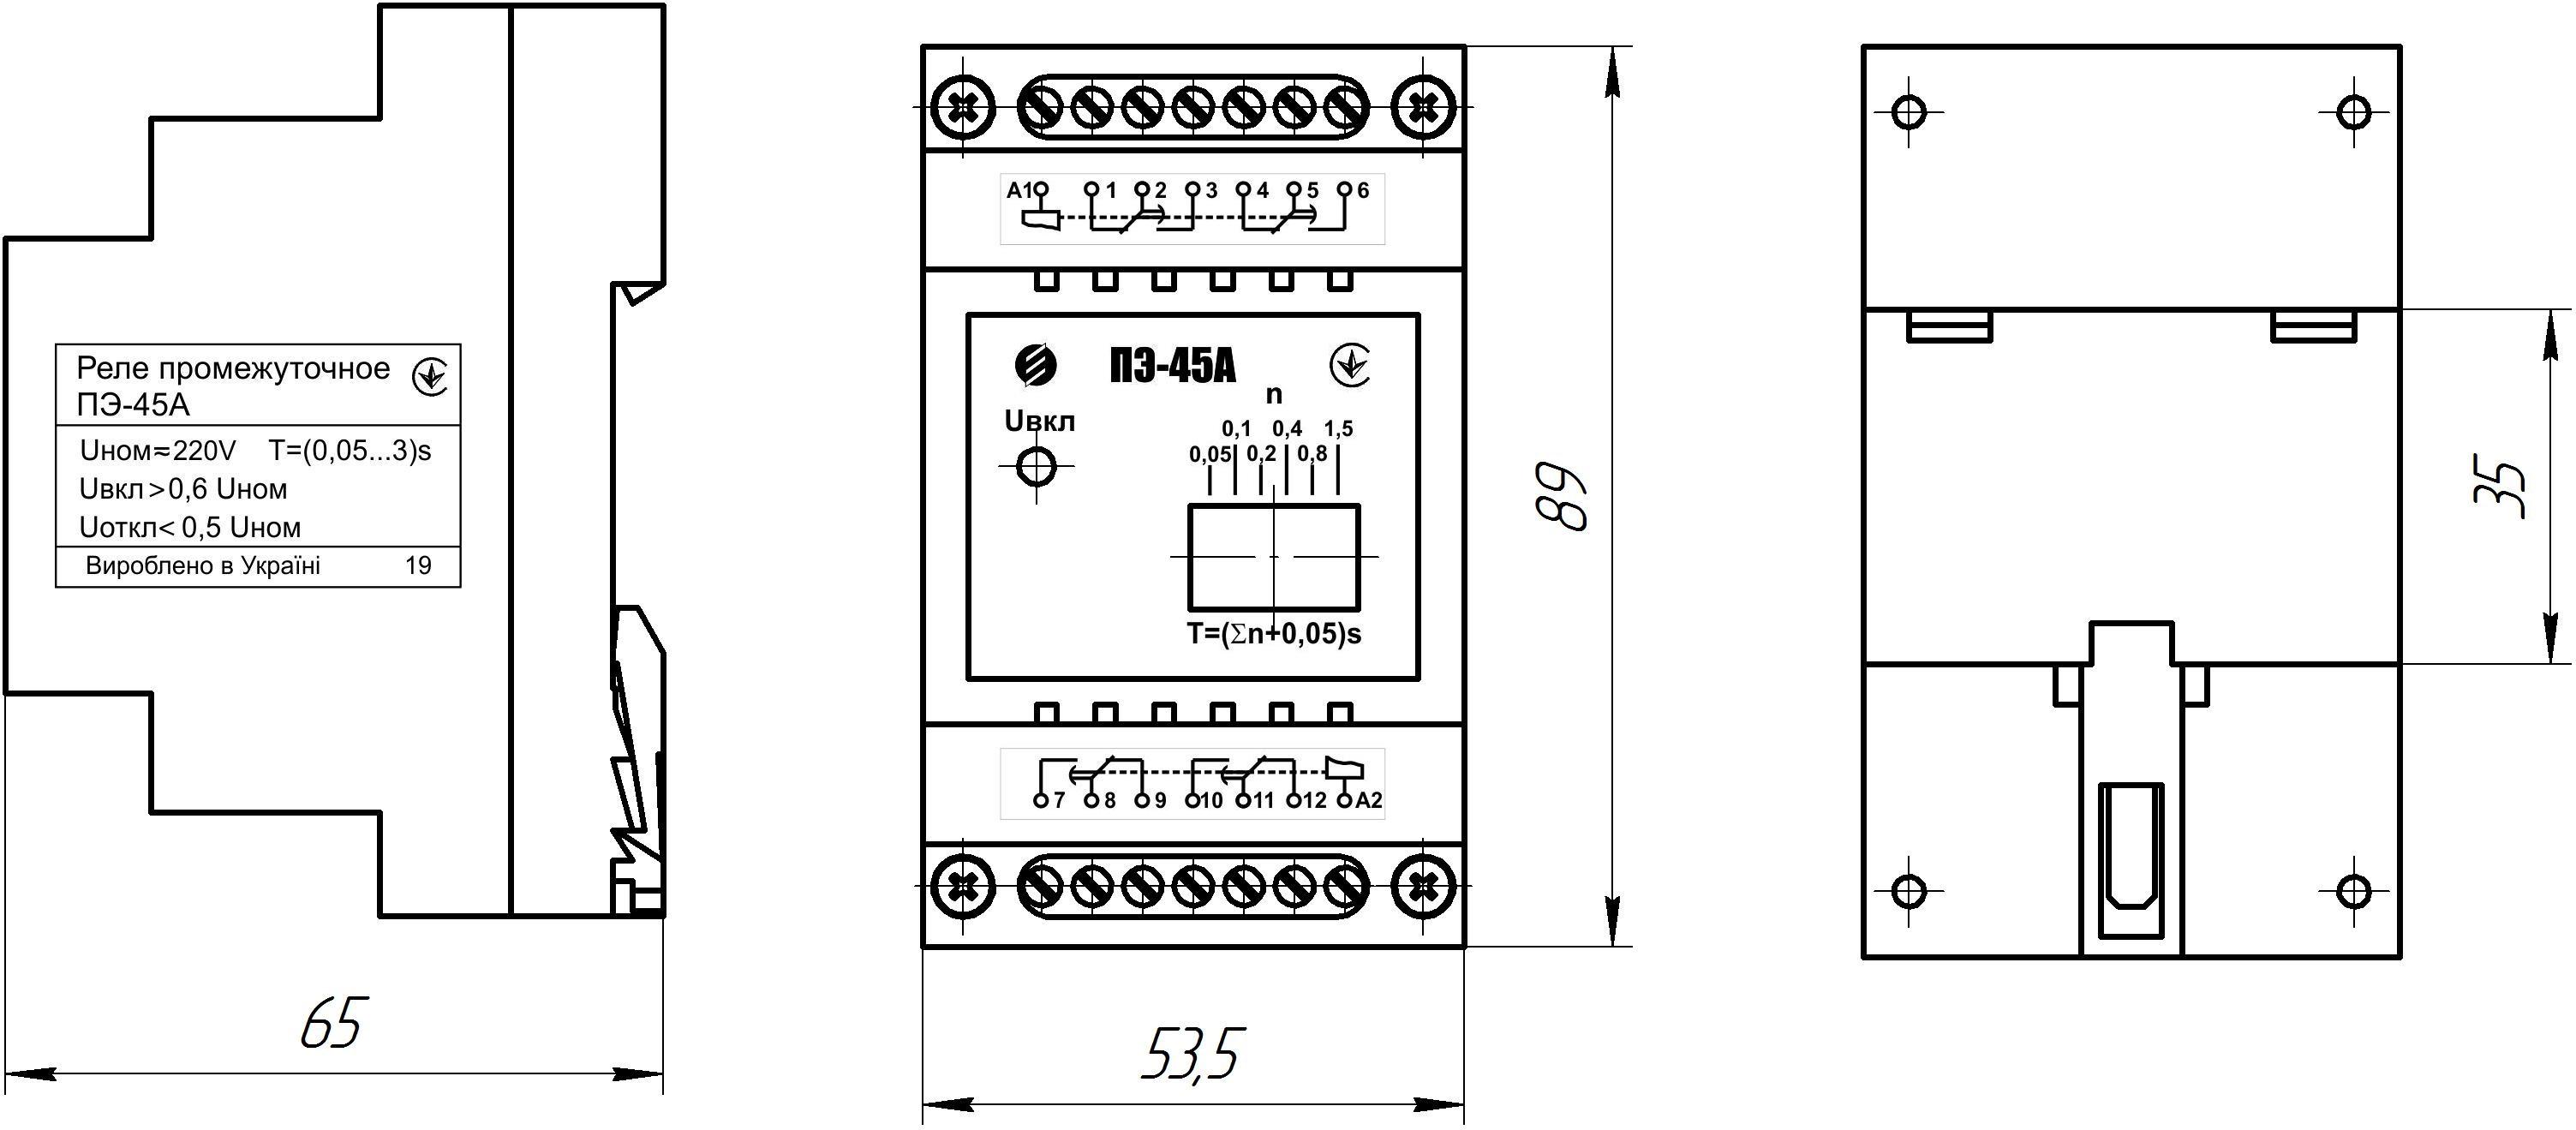 ПЭ45А - габаритные, установочные и присоединительные размеры